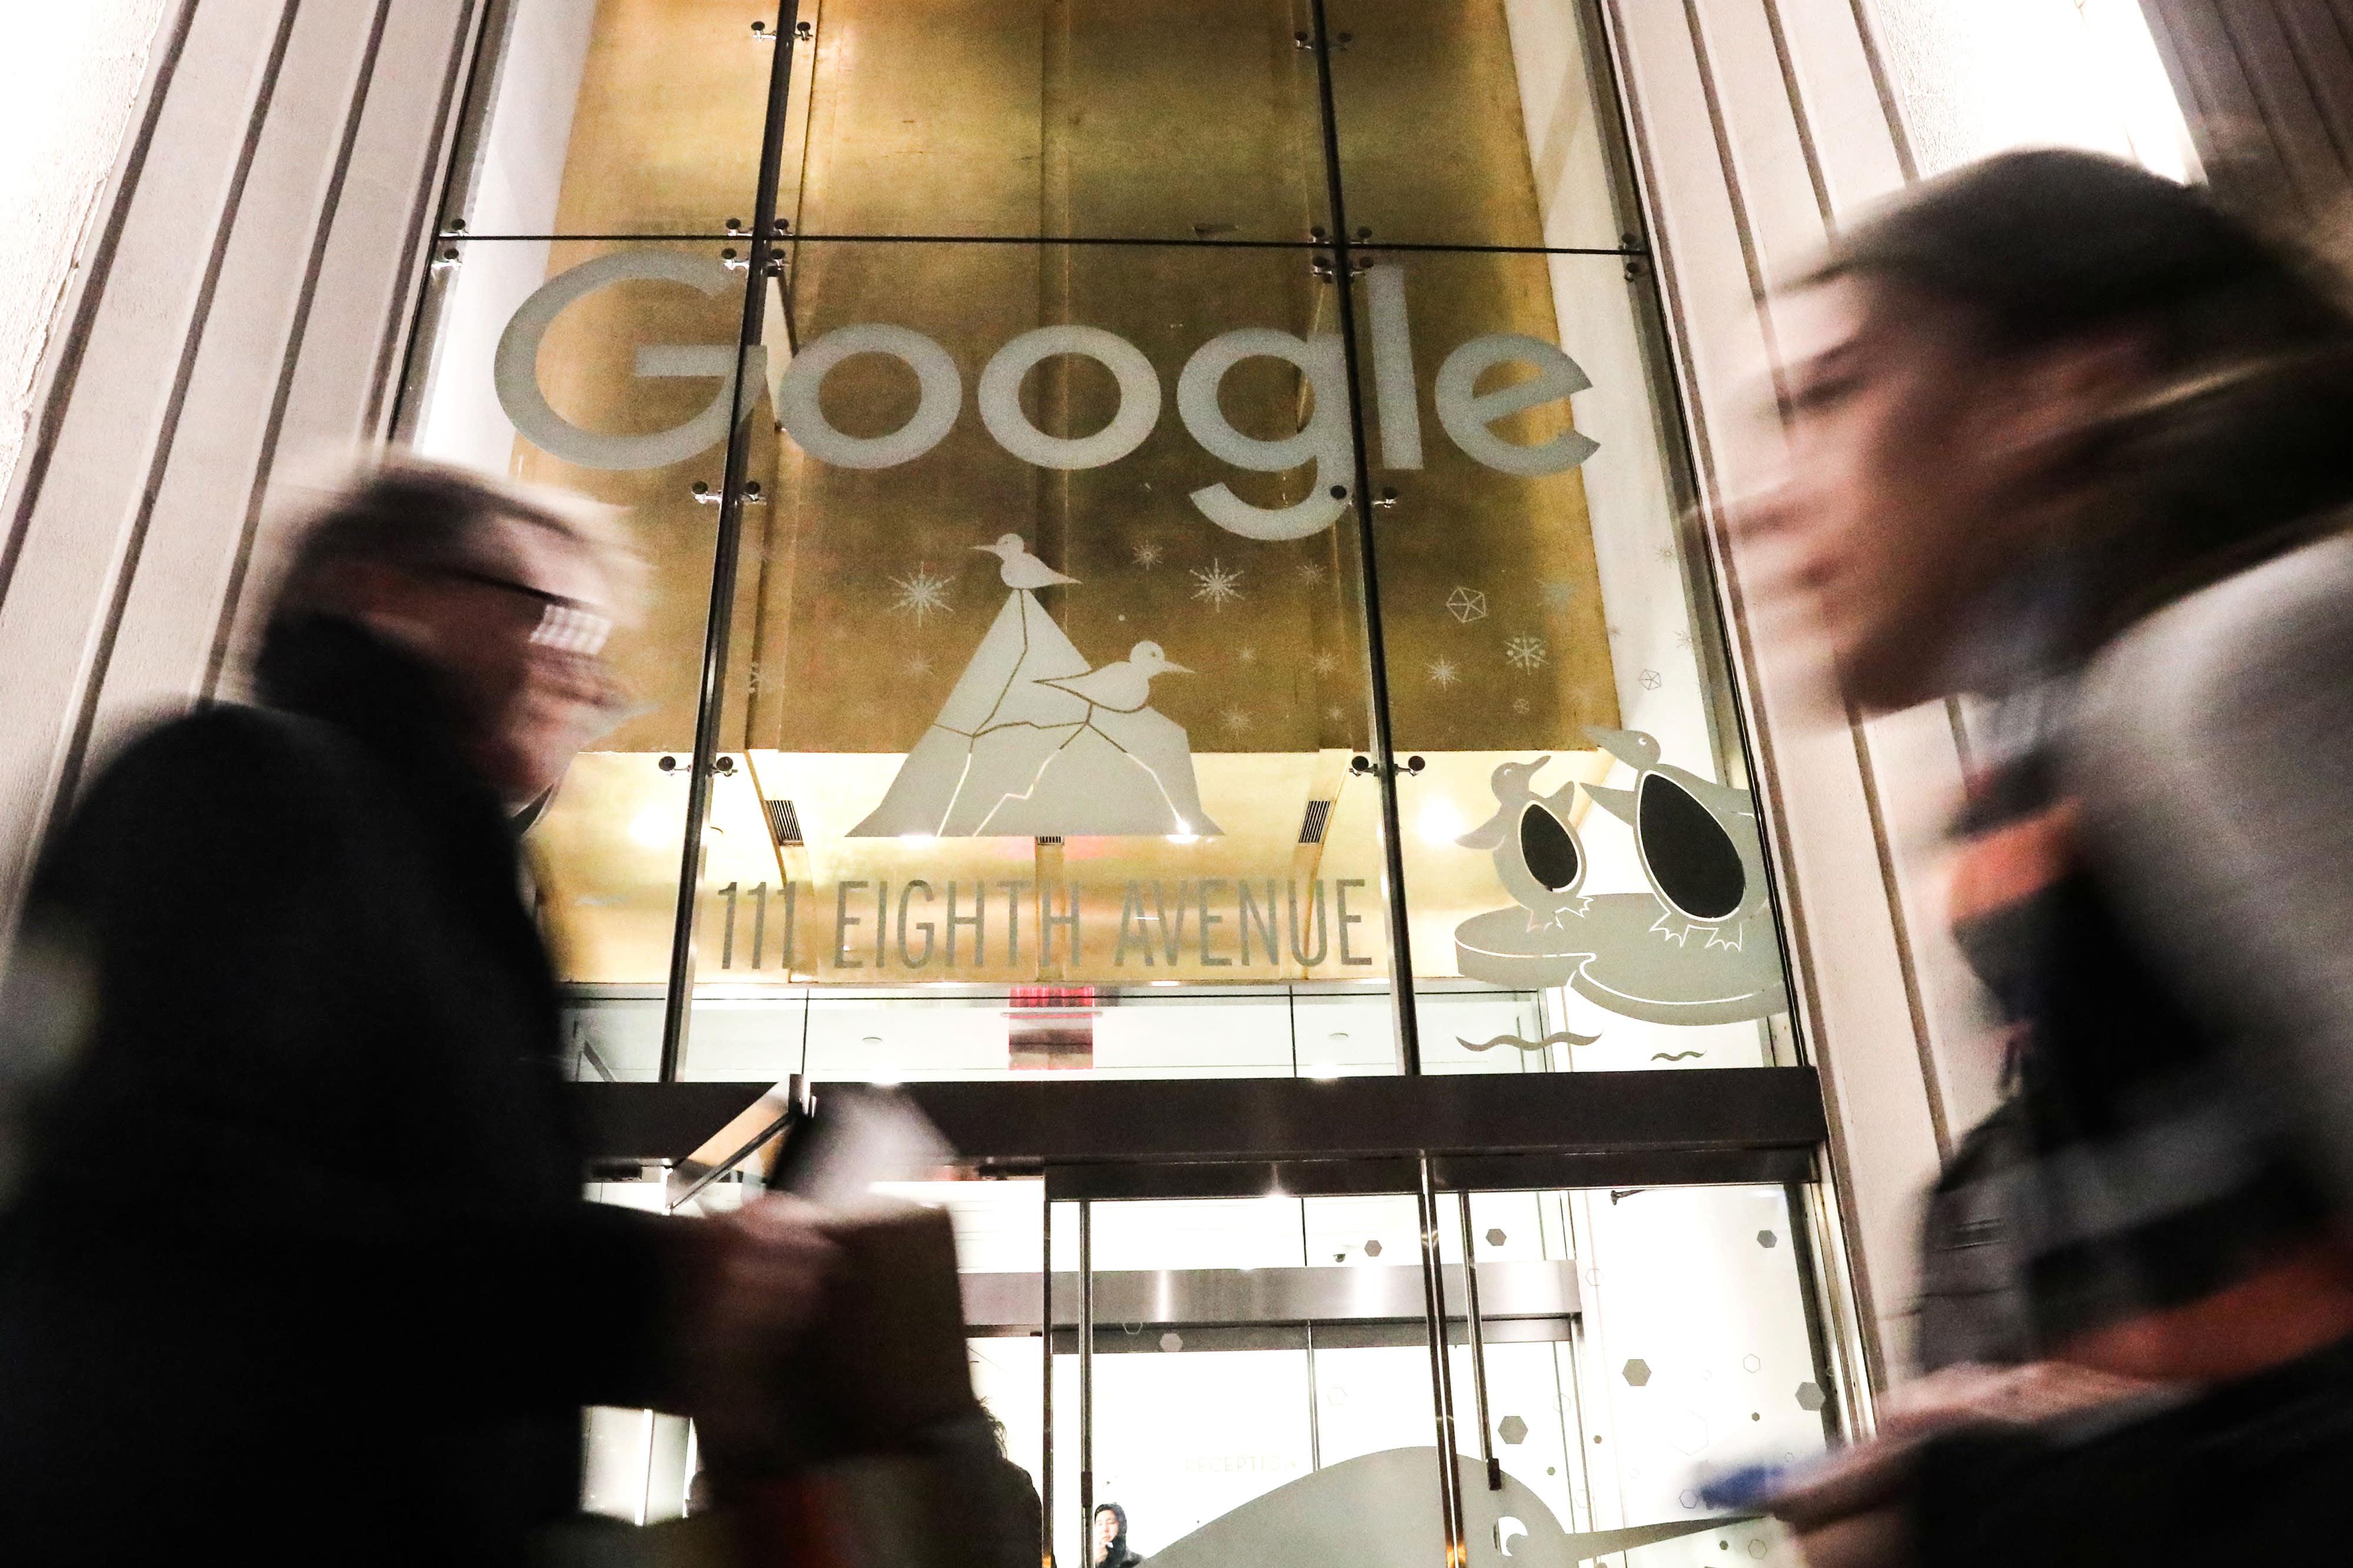 Pedestrians walk past Google headquarters in New York.